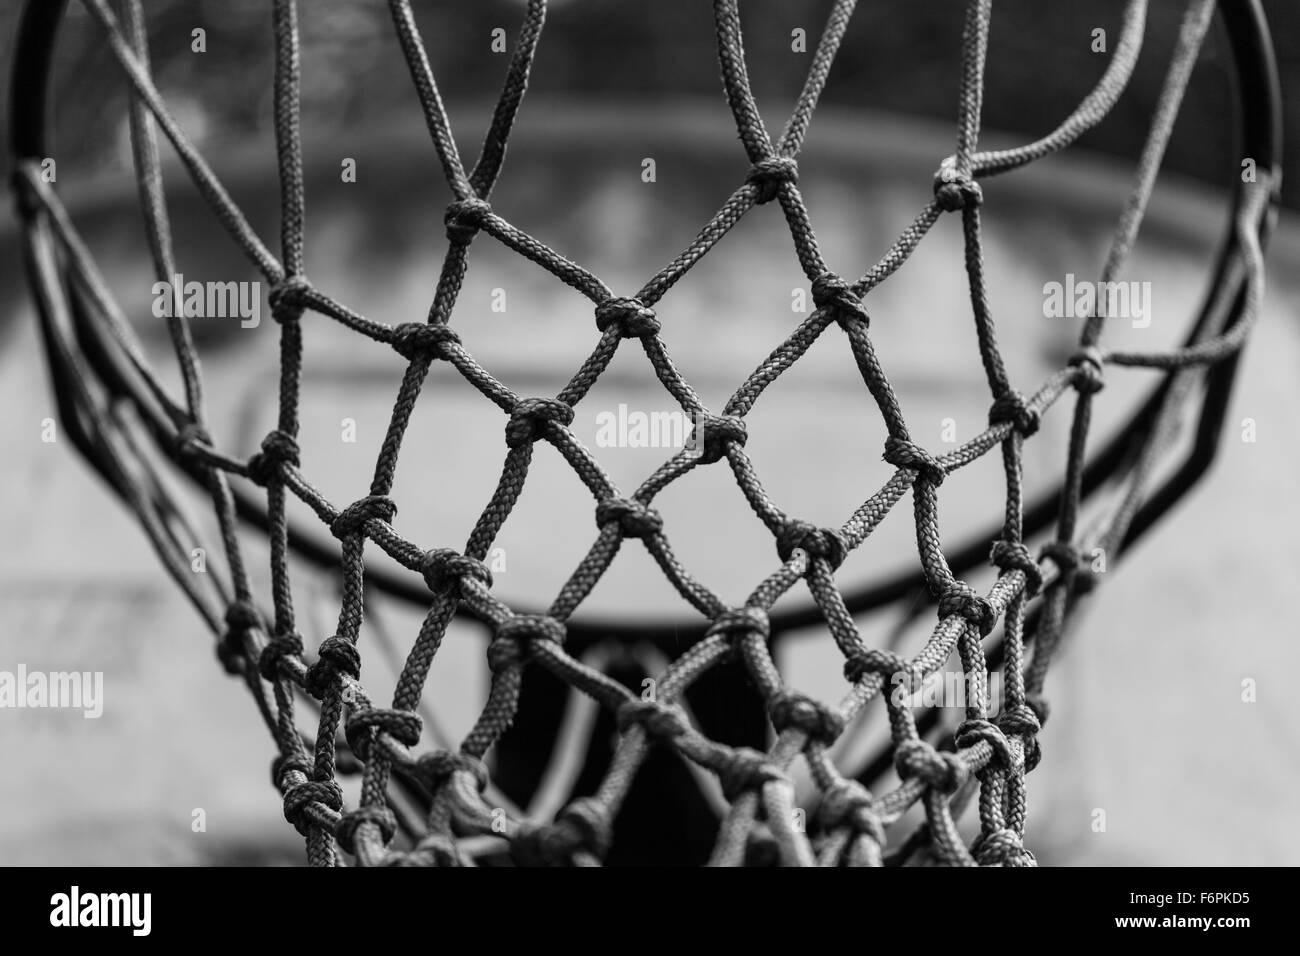 Resumen de imagen en blanco y negro de un balón de baloncesto net Imagen De Stock